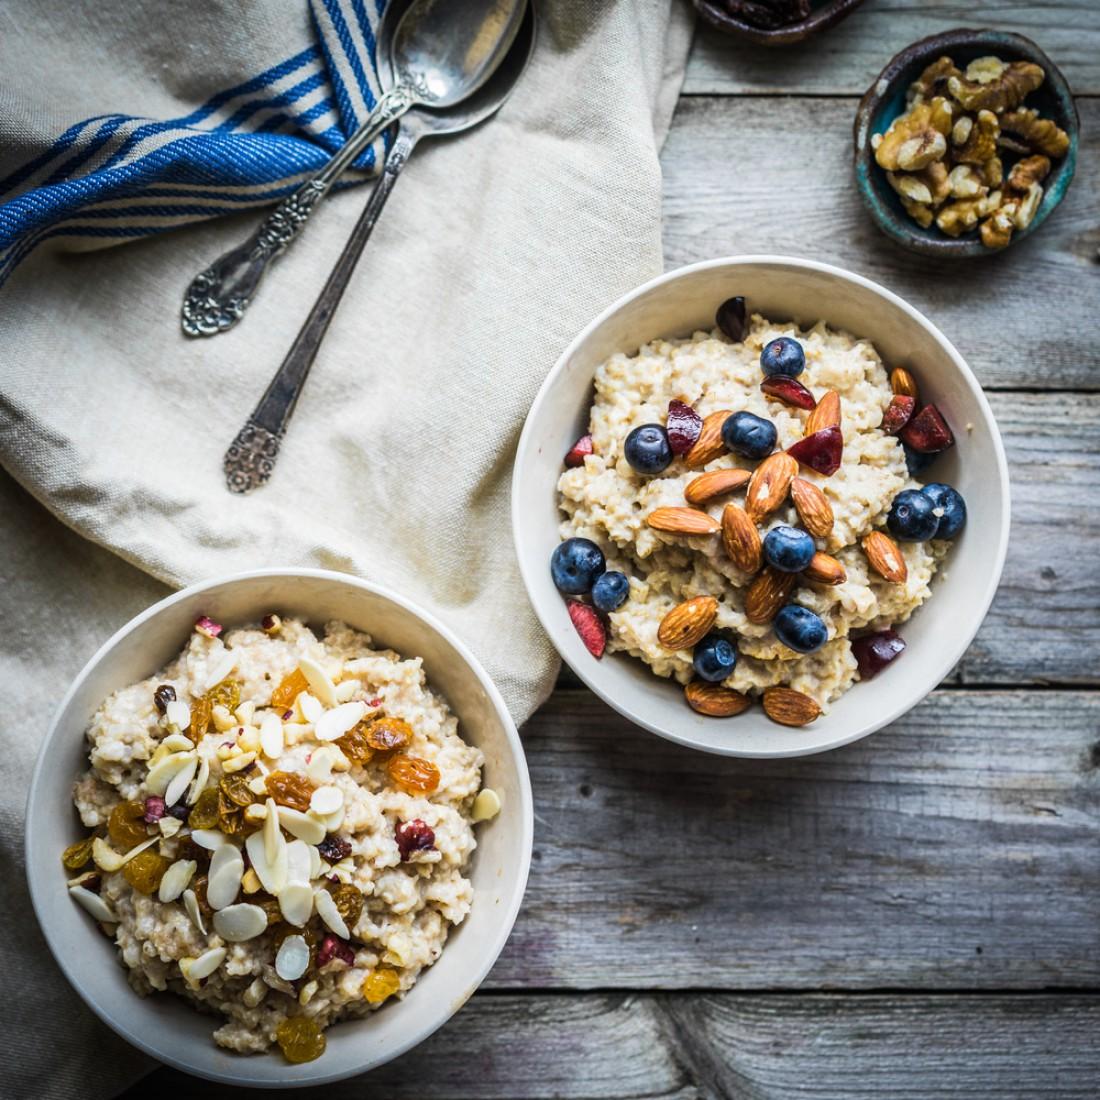 Овсянка с ягодами и орехами – лучший завтрак для ребенка